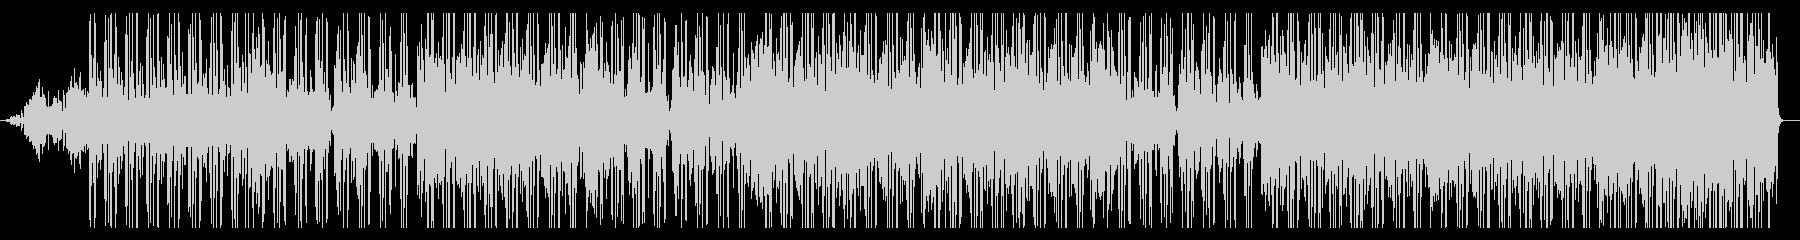 HIPHOPトラック/chillゆったりの未再生の波形